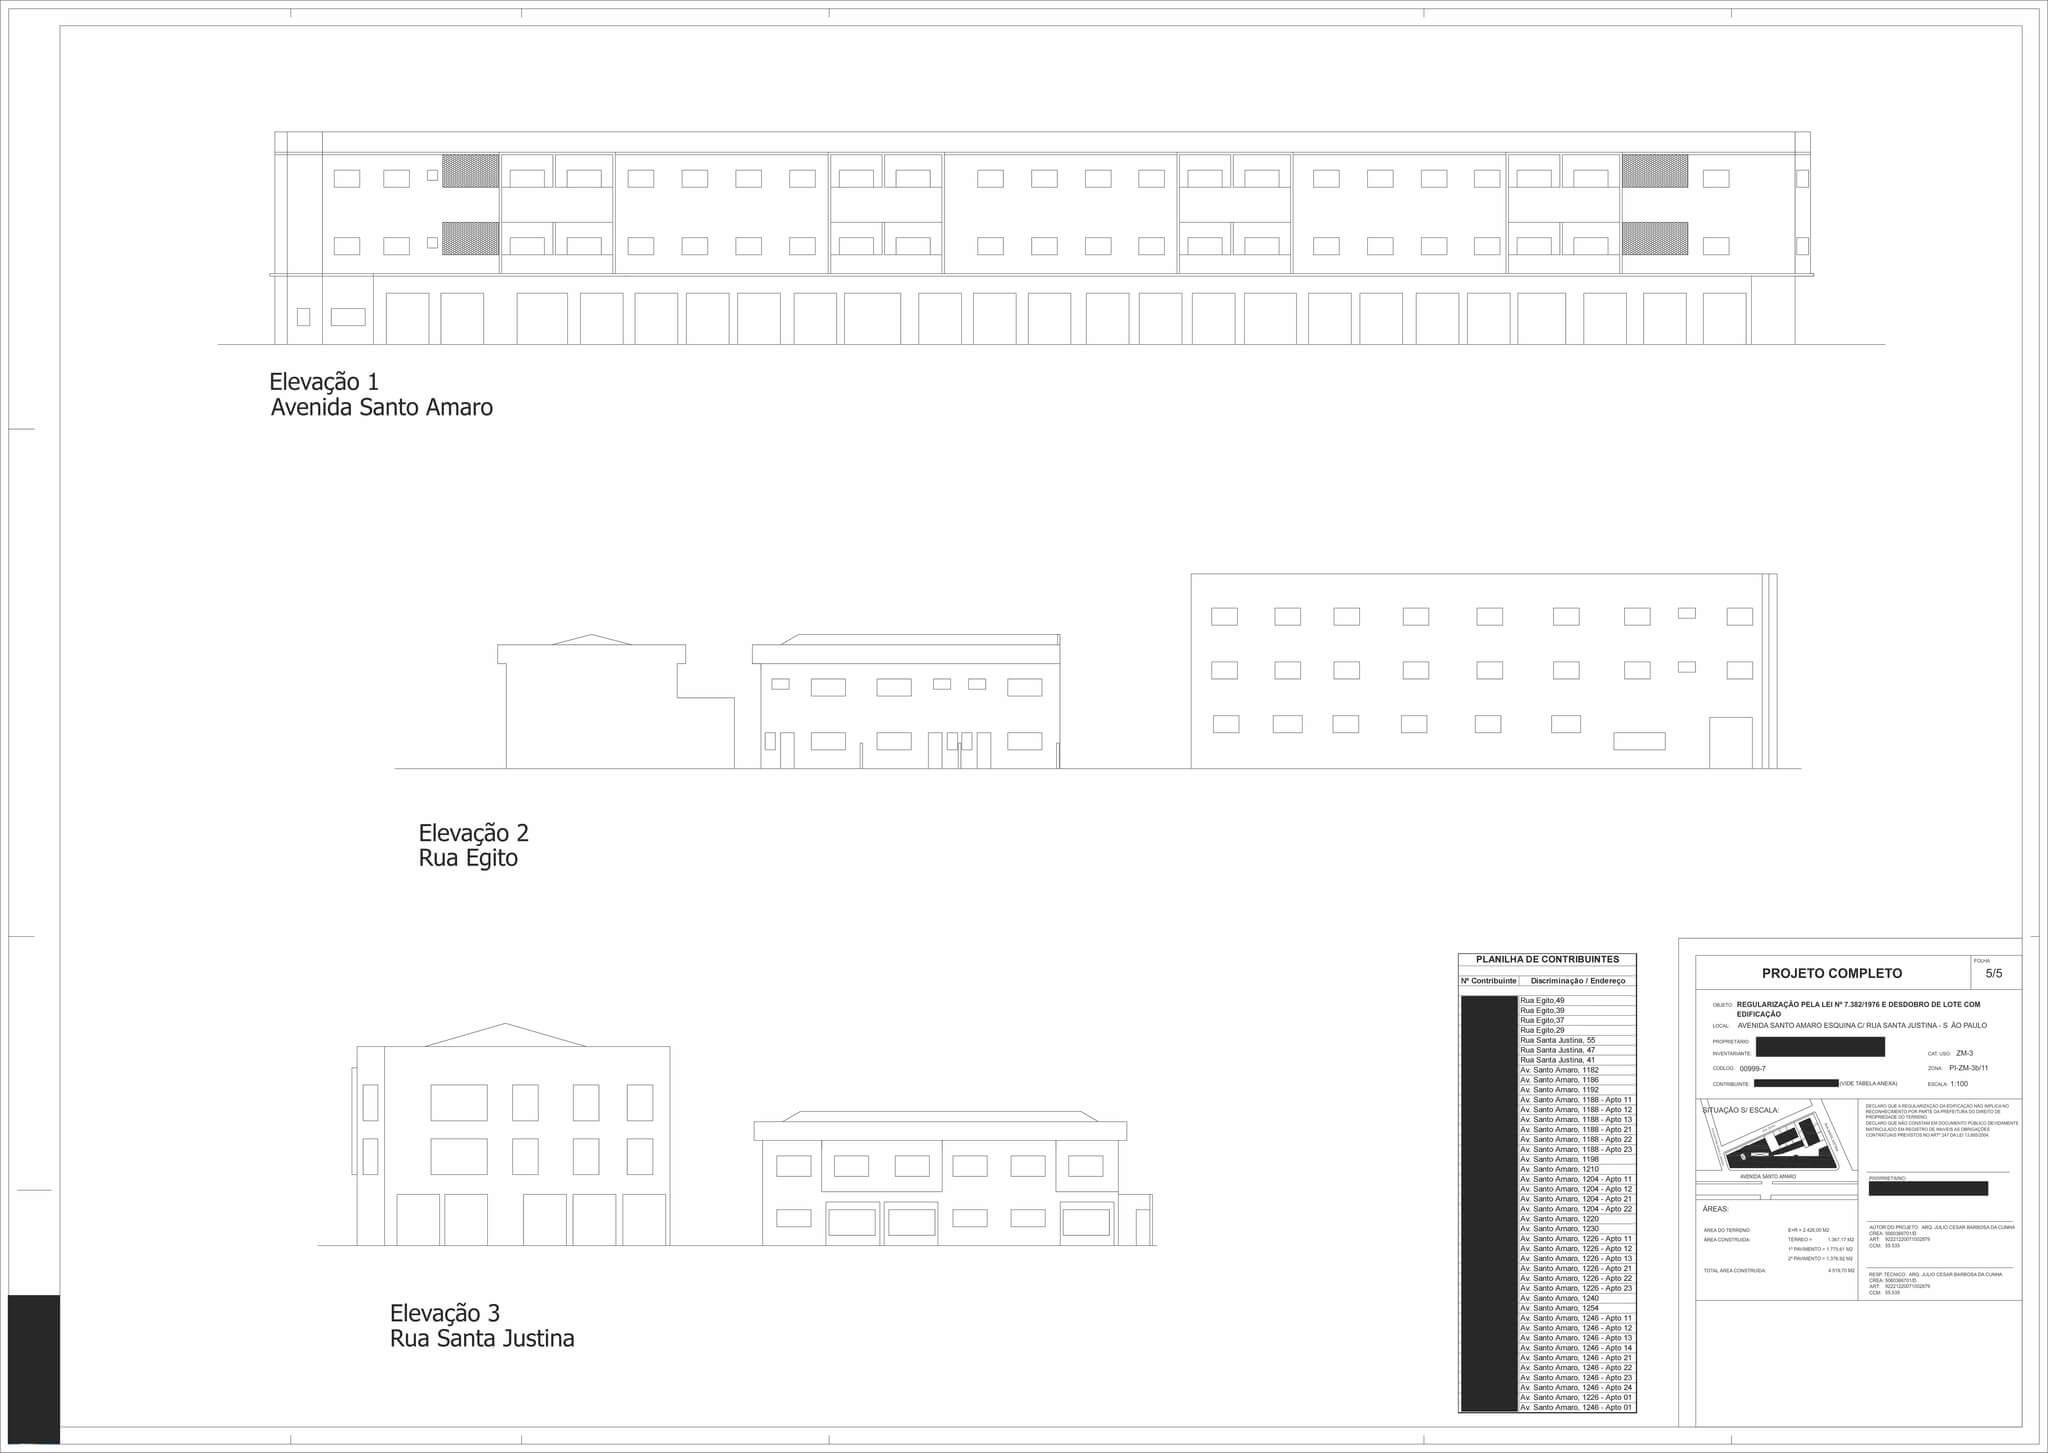 Regularização Fundiária: Imóvel Multiuso F.S. Regularização Fundiária: Imóvel Multiuso F.S. Foto 27 Easy Resize Projetos Projetos Foto 27 Easy Resize